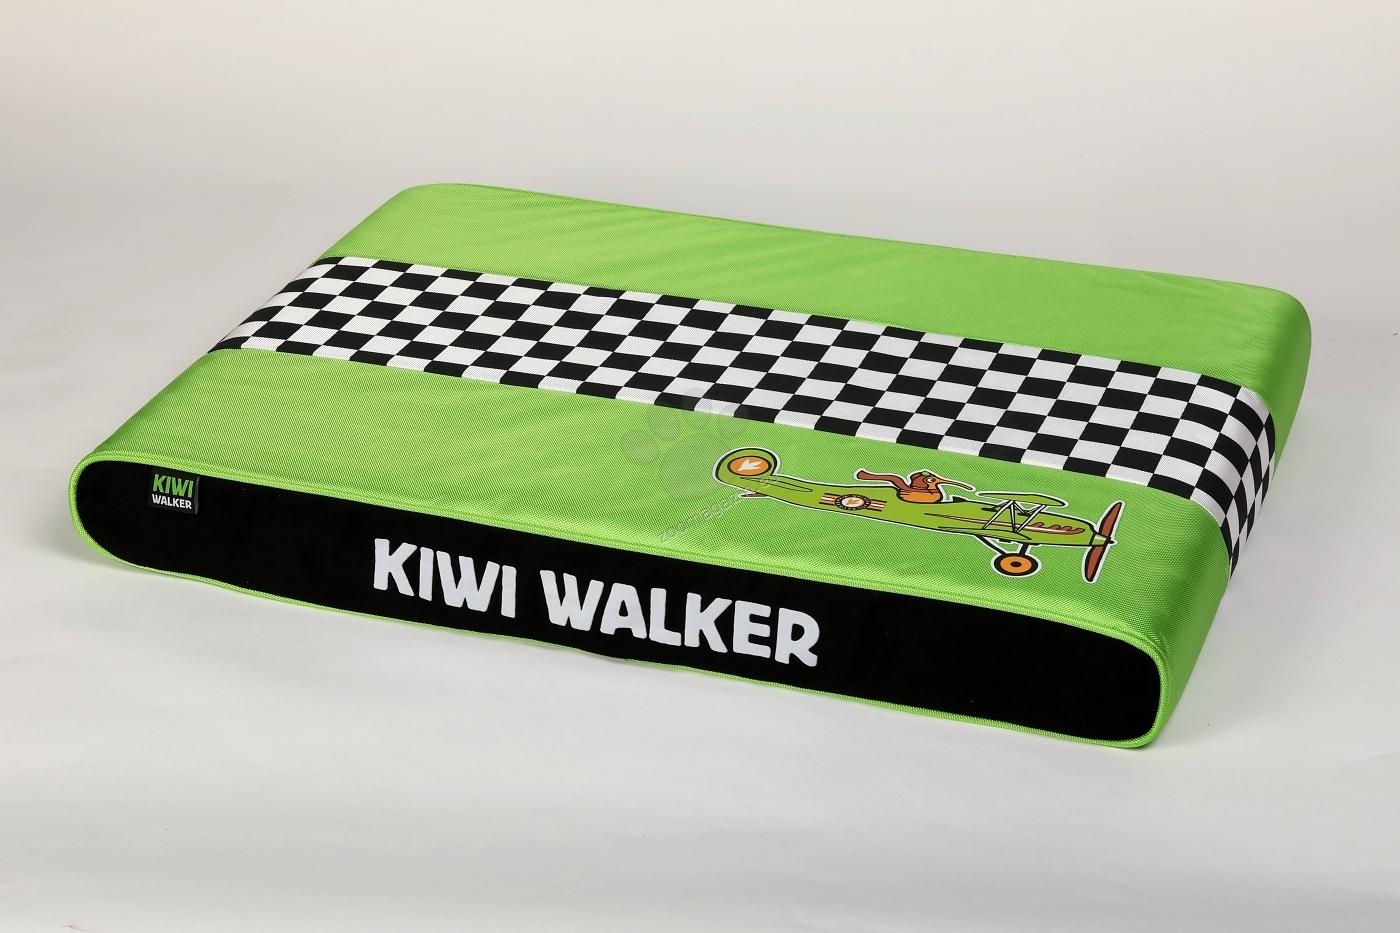 Kiwi Walker Mattress Racing L - водонепромокаем ортопедичен матрак с мемори пяна 80 / 55 / 9 см. / червен, син, зелен, оранжев /